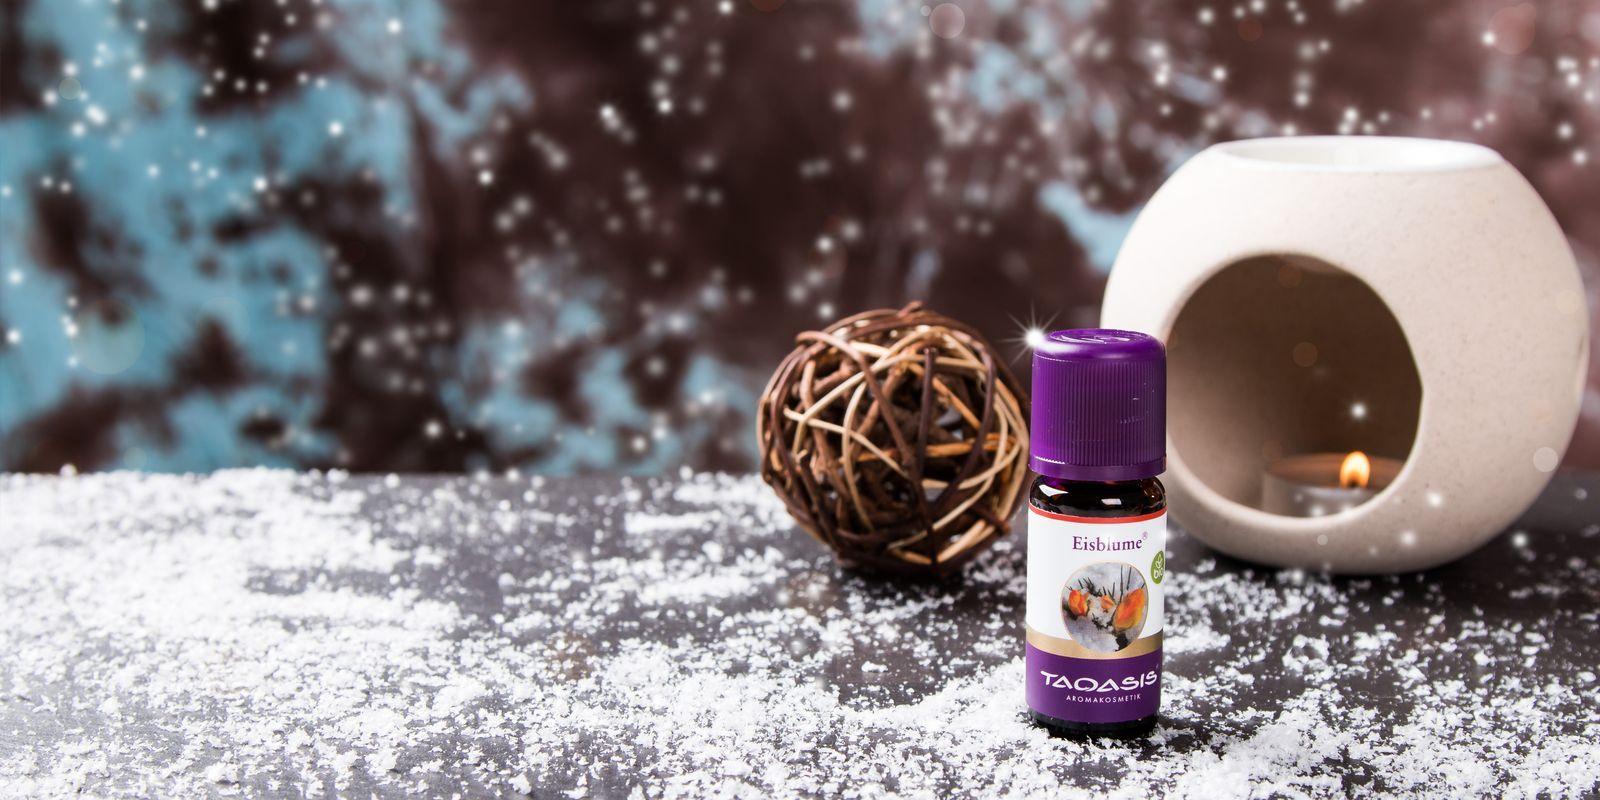 Co je aromaterapie a jak funguje?